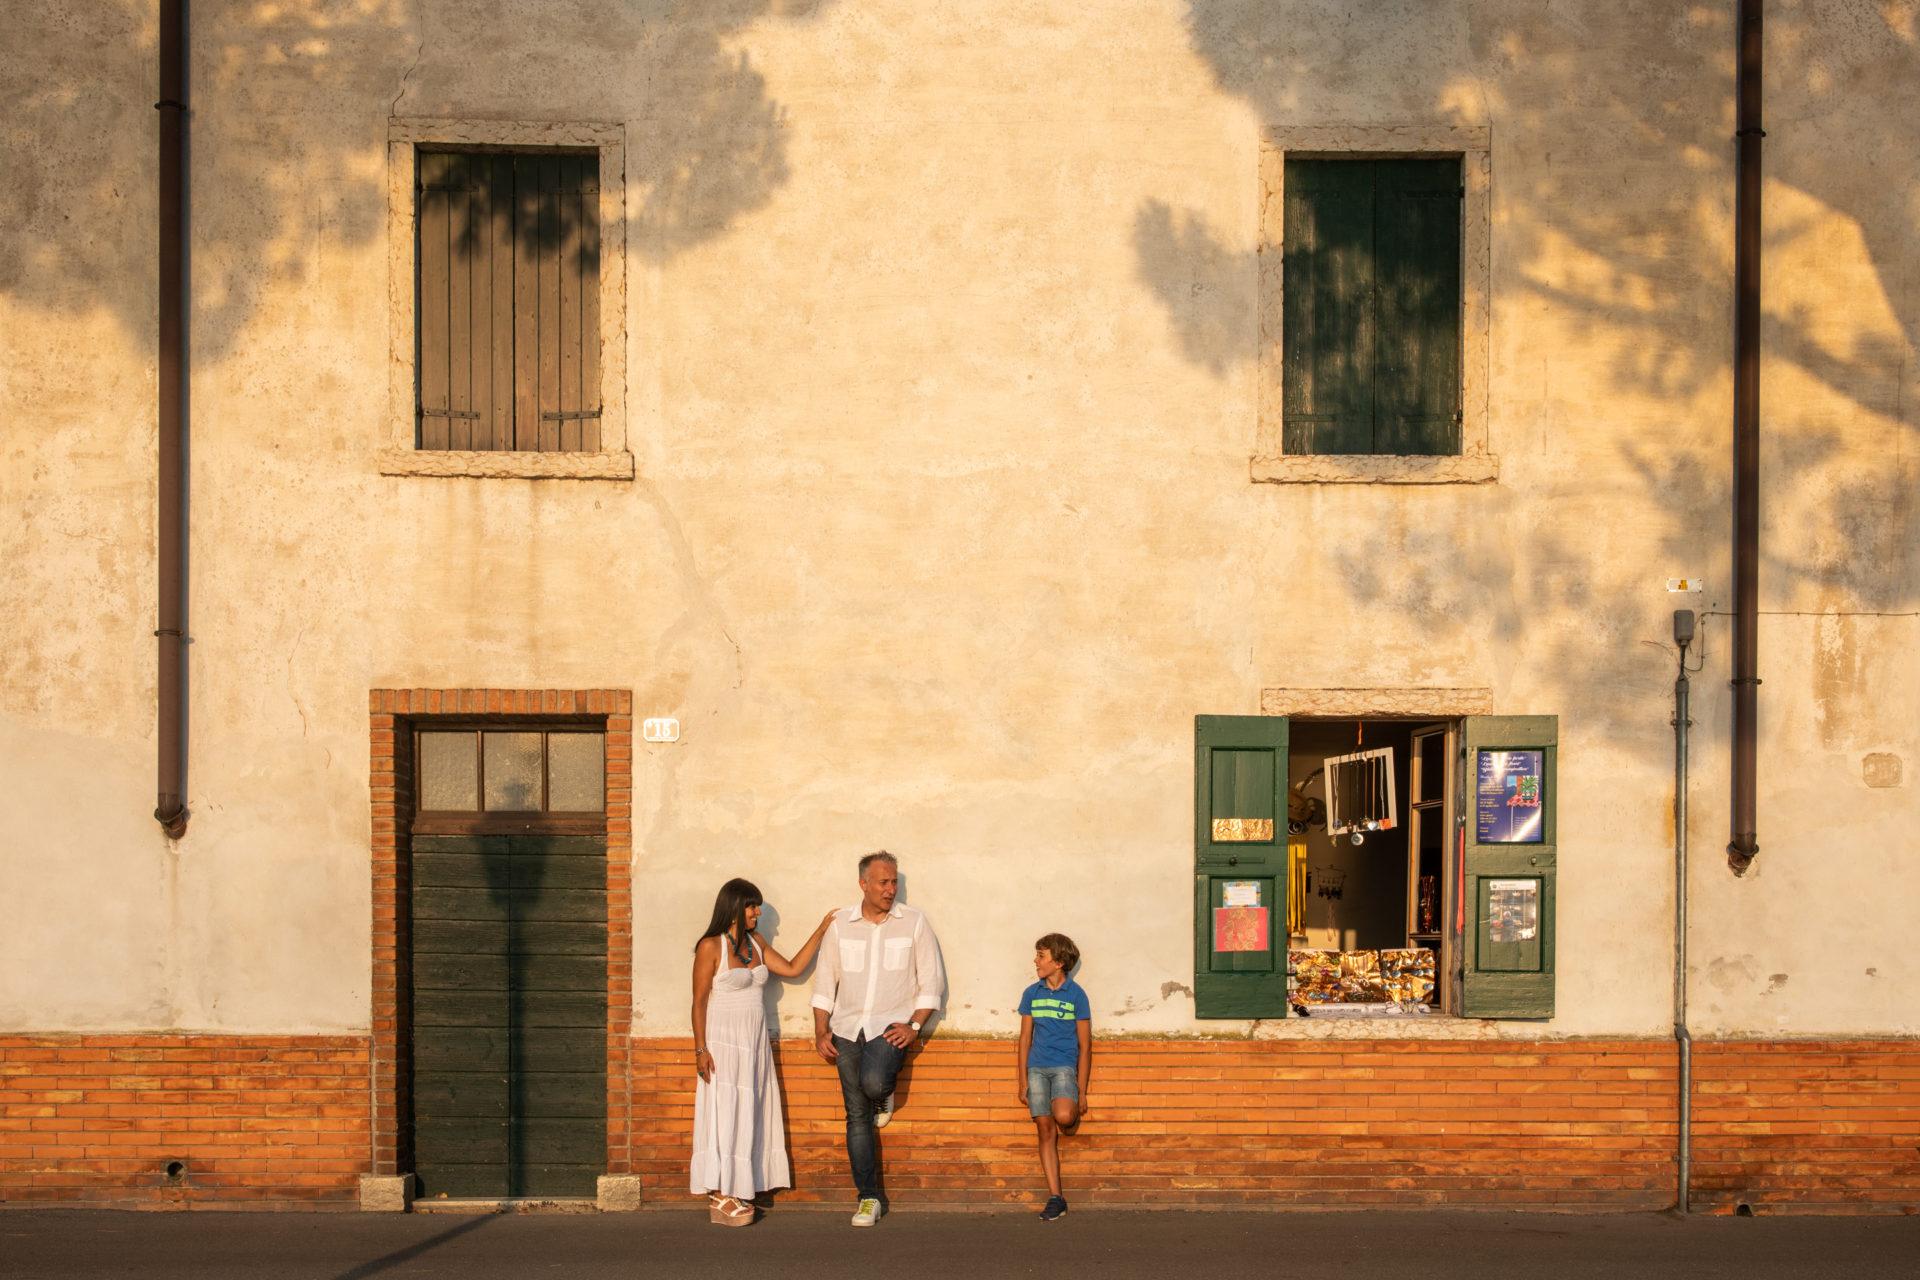 Fotografia di vacanze e turismo Studio Fotografico Lazise